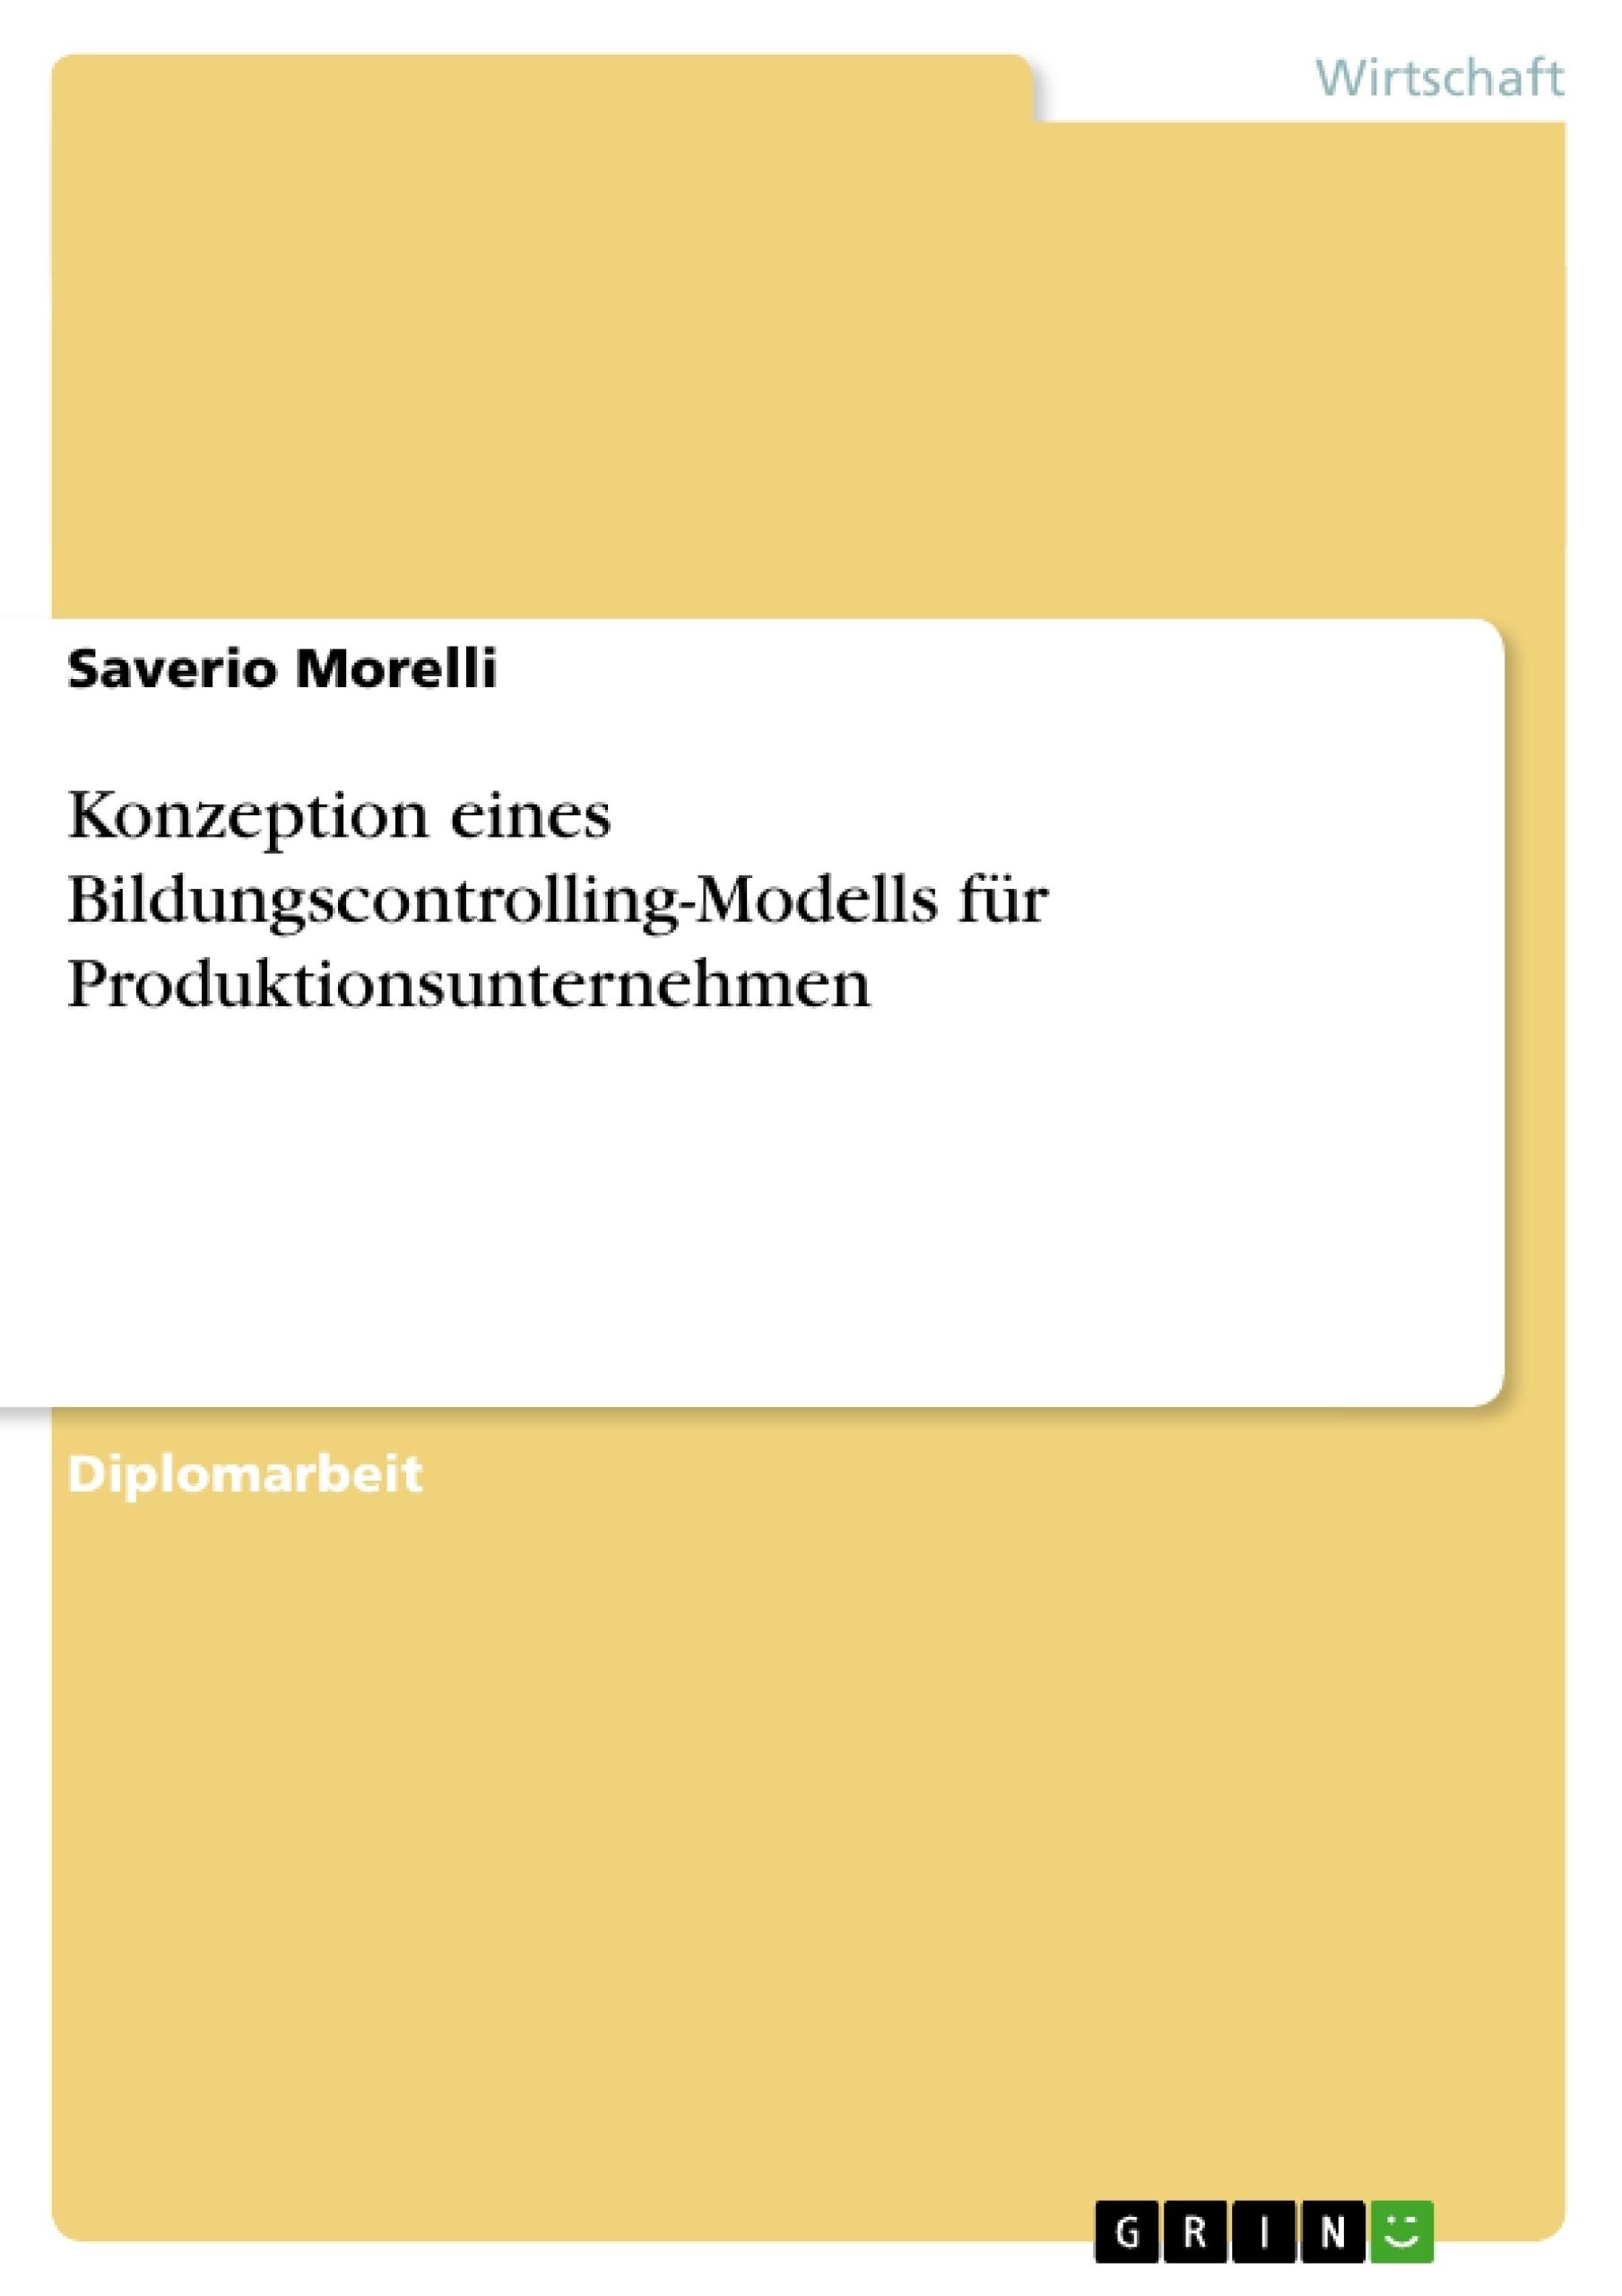 Titel: Konzeption eines Bildungscontrolling-Modells für Produktionsunternehmen